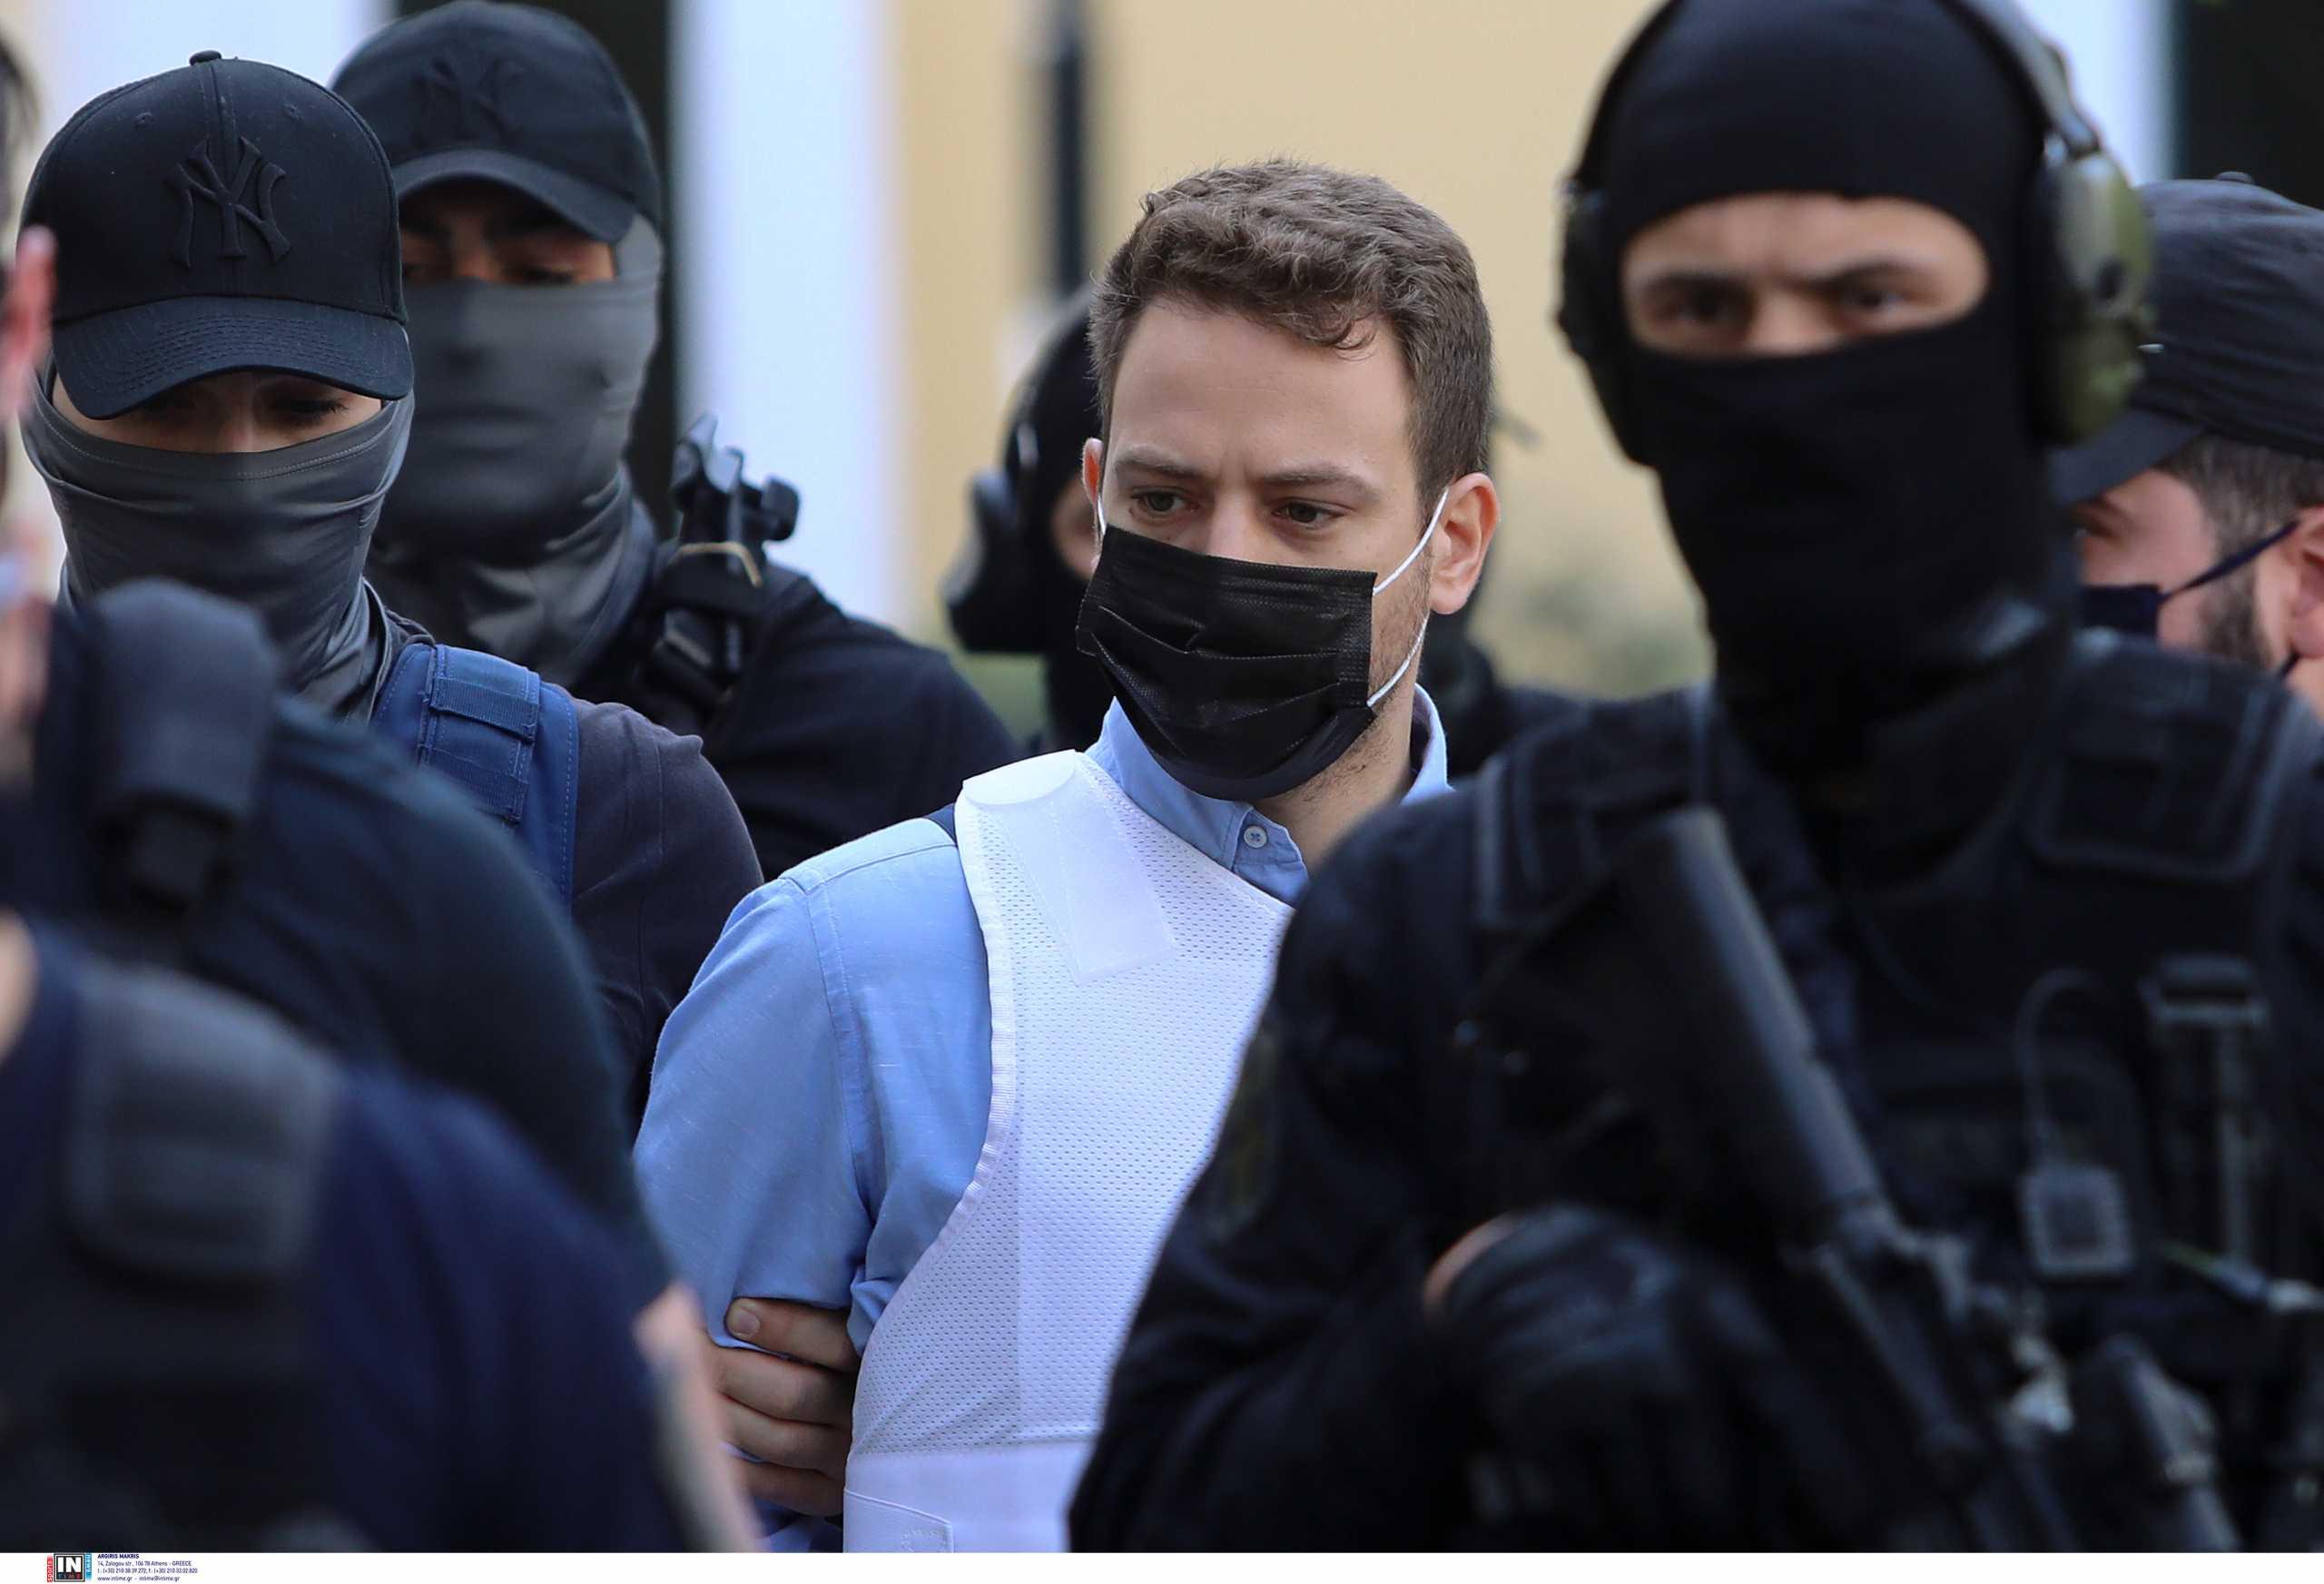 Γλυκά Νερά - Αδερφός Μπάμπη Αναγνωστόπουλου: Δεν έχω καμία σχέση με τη δολοφονία της Καρολάιν